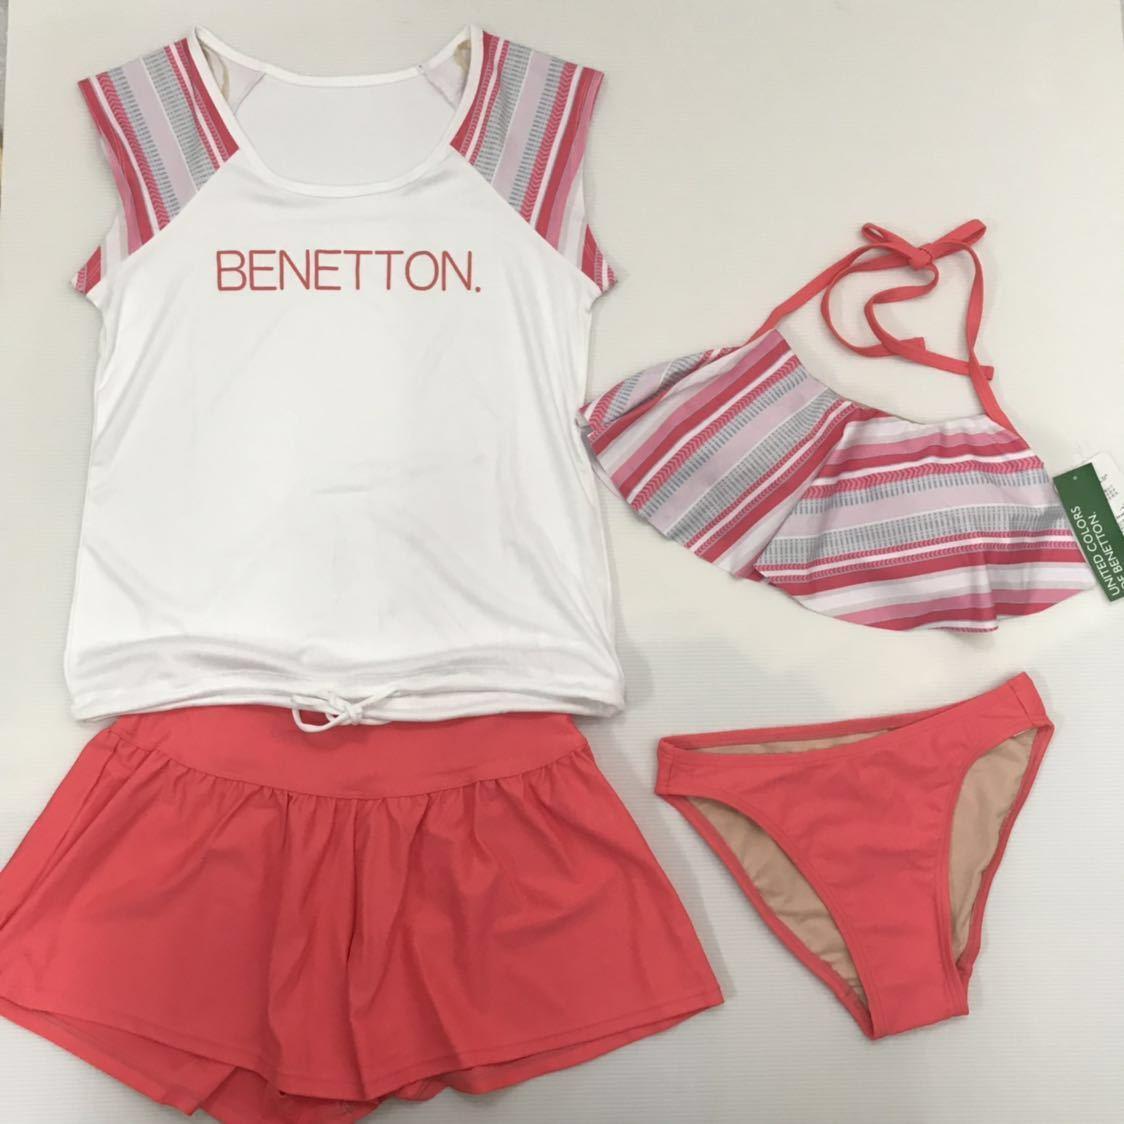 10587 新品 ベネトン BENETTON オレンジ Tシャツ付き フレアビキニフレアーショートパンツ4点セット レディース 水着 7号  体型カバー_画像1